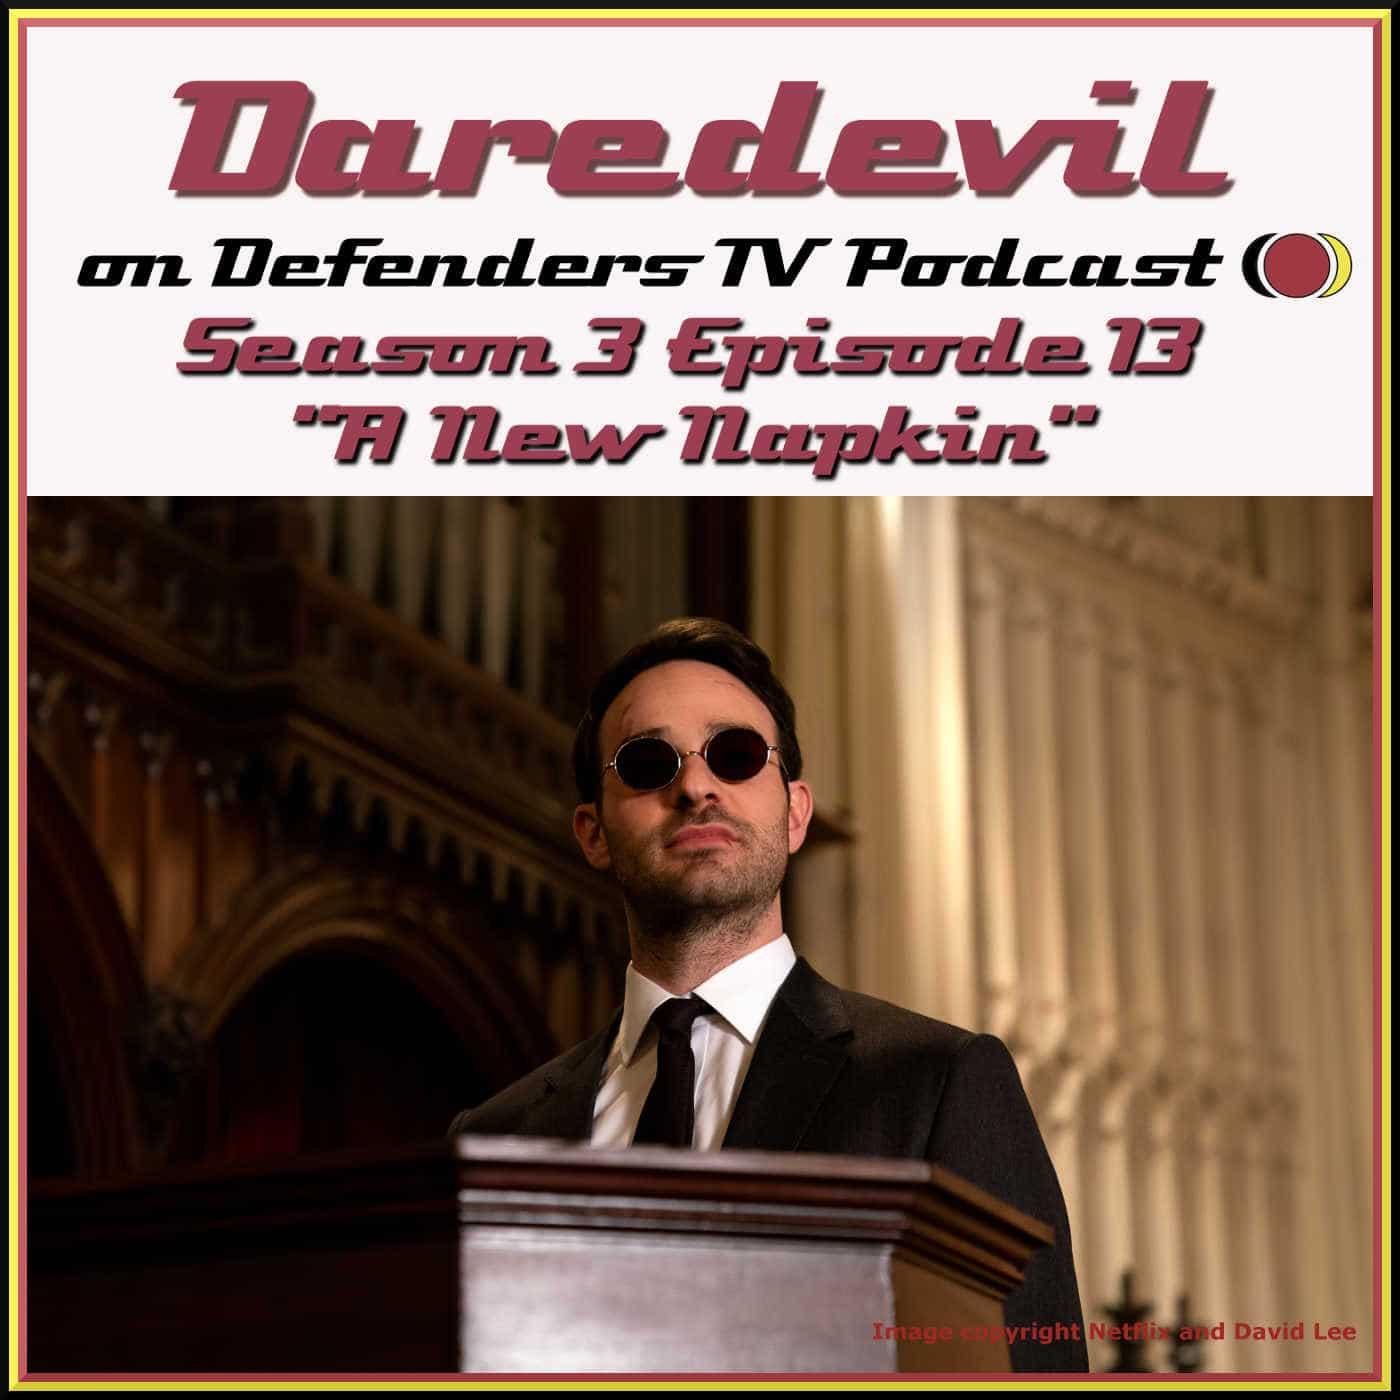 Daredevil 313 Review